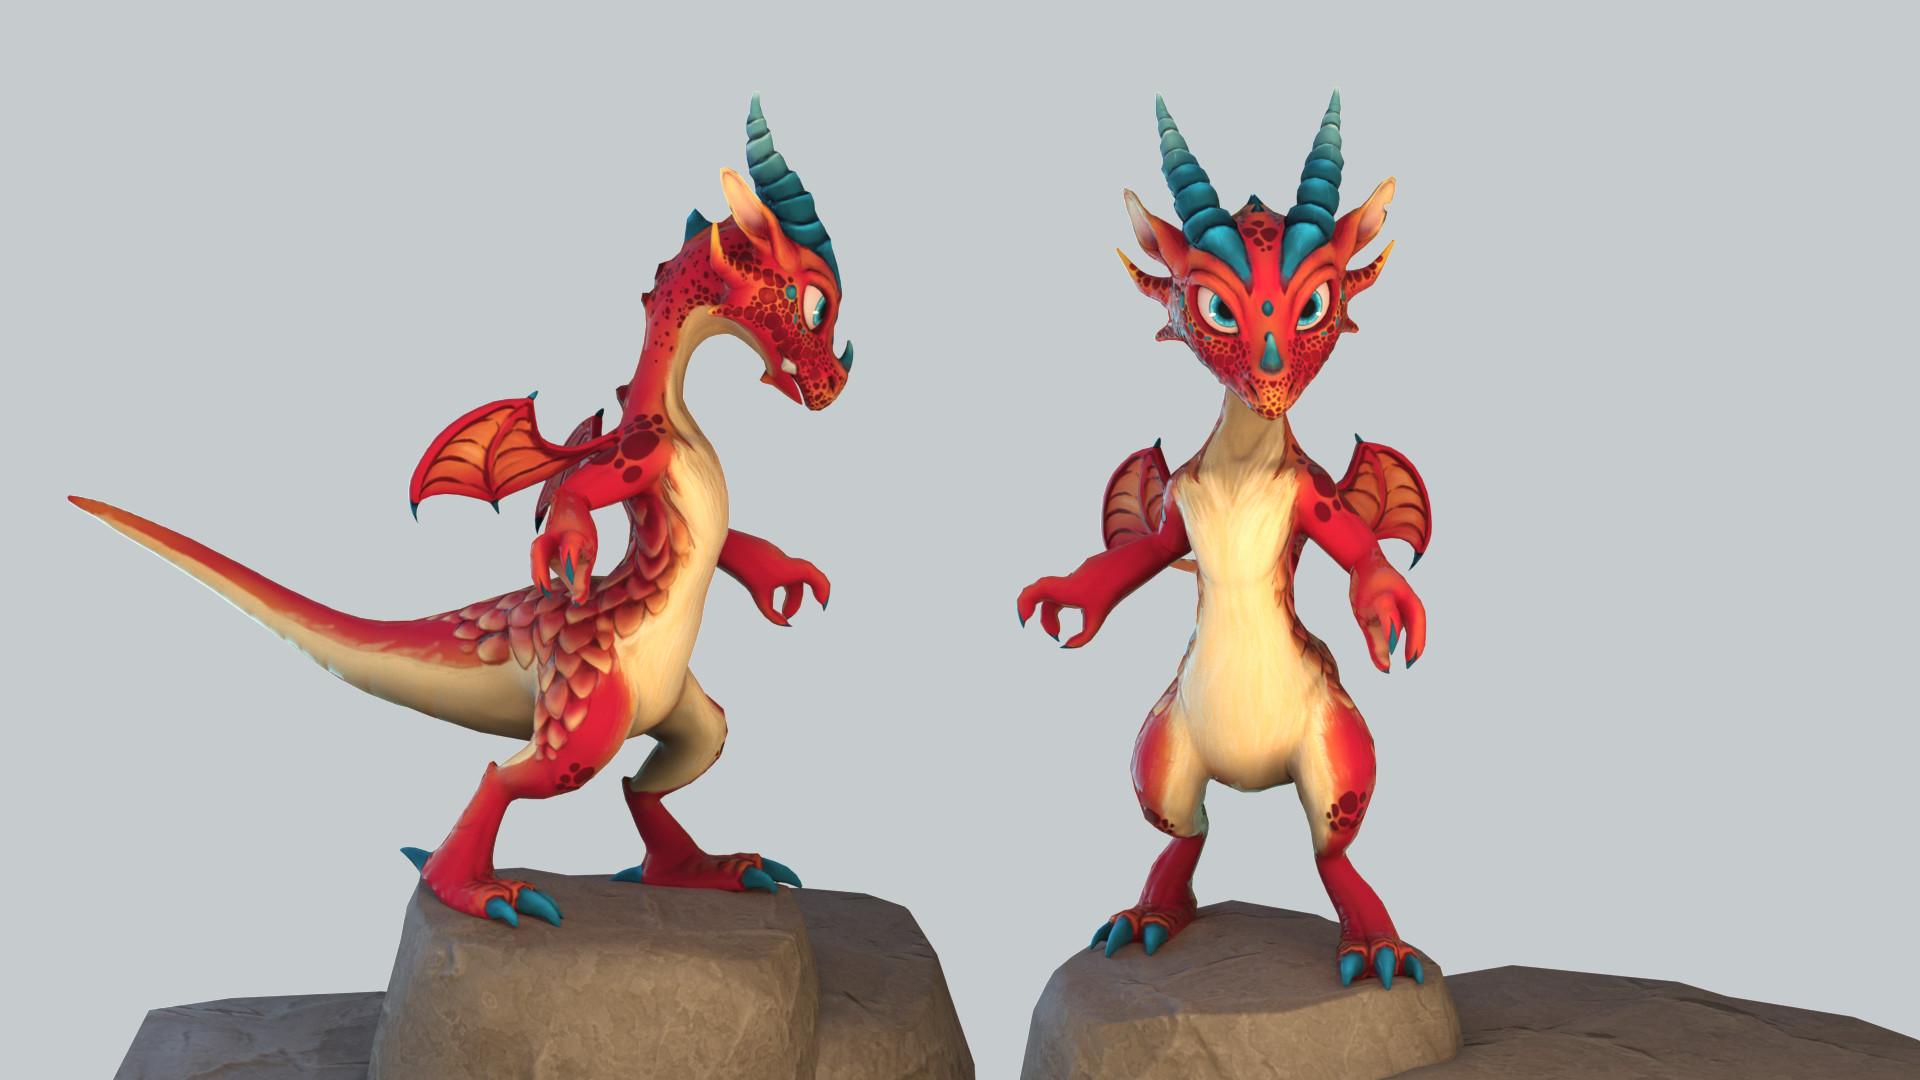 ArtStation - Red Dragon, Nataly Lepler